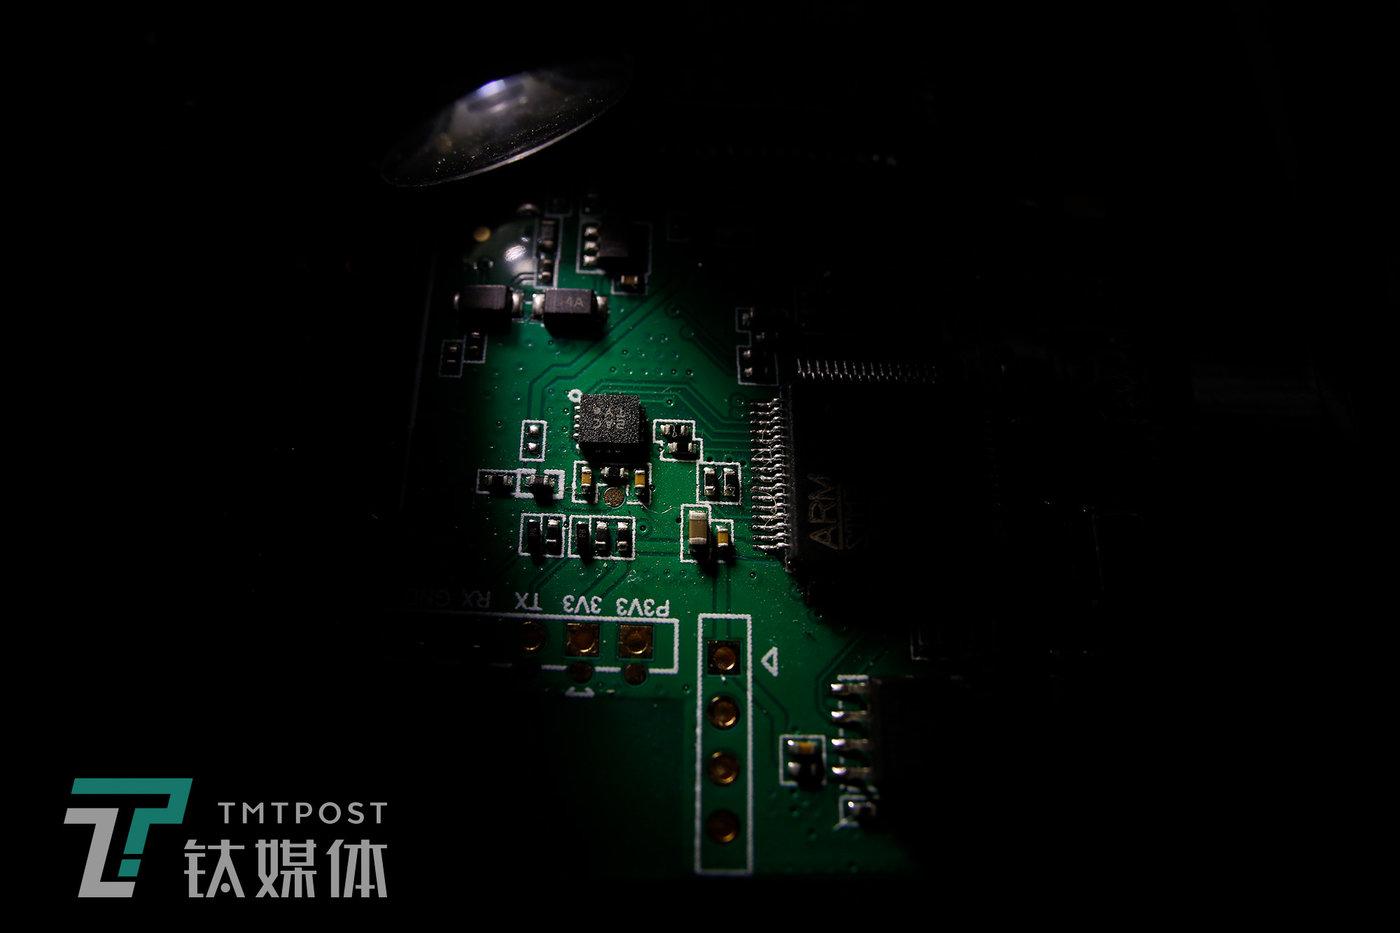 机械指挥官智能终端Z03.0智能终端电路板。